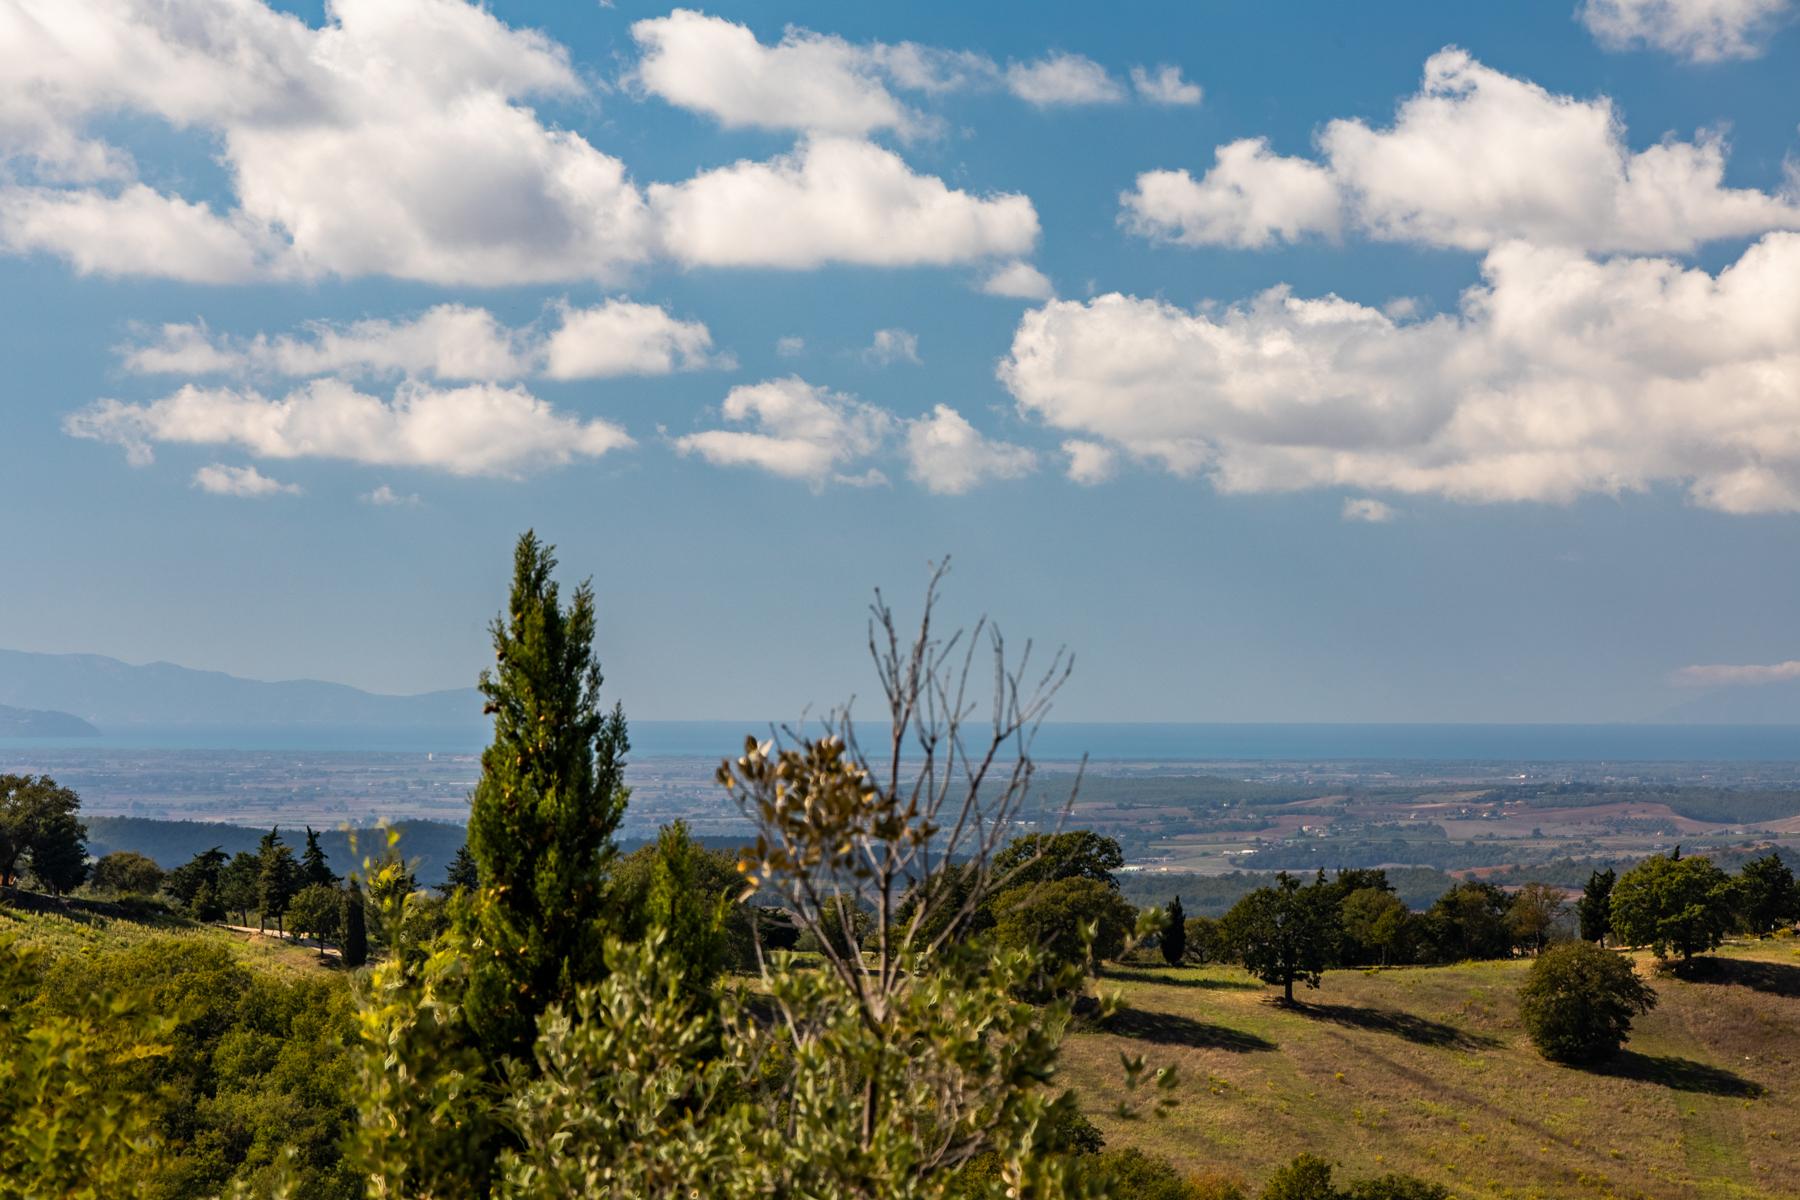 Rustico in Vendita a Manciano: 5 locali, 520 mq - Foto 29